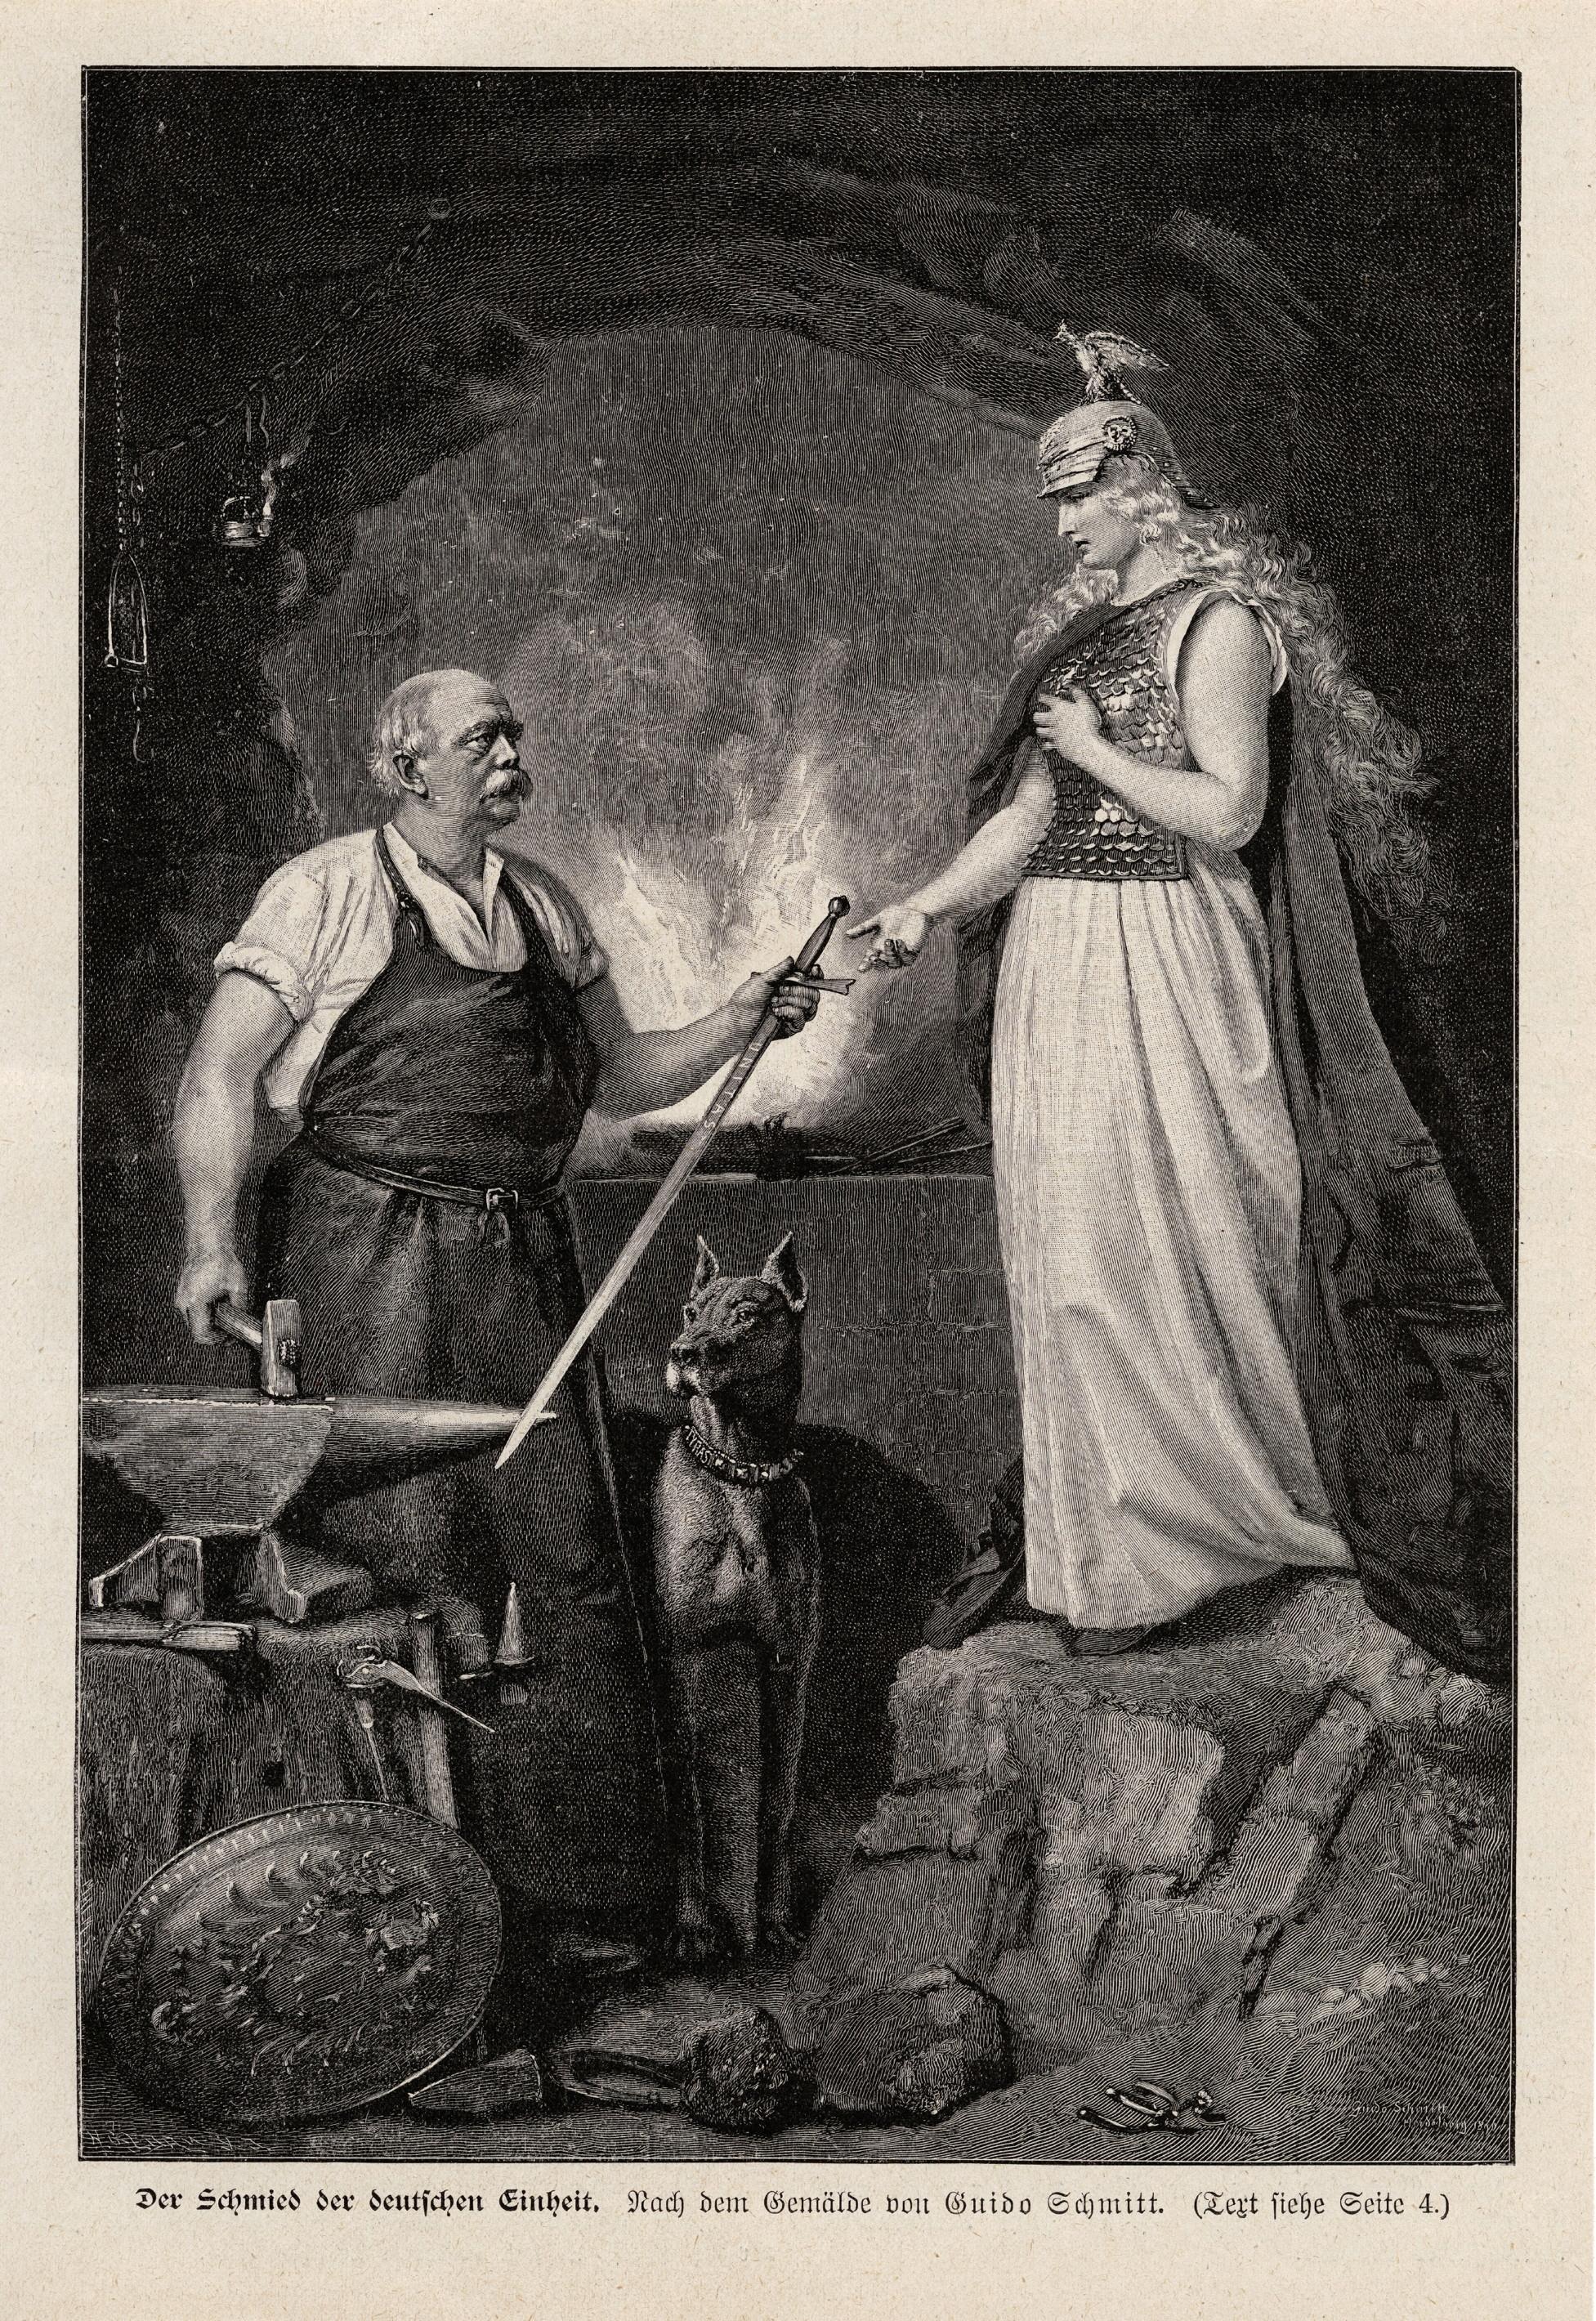 """""""Bismarck, Schmied der deutschen Einheit, überreicht Germania das Reichsschwert"""", spätes 19. Jh. (c) Landesmuseum Württemberg, Stuttgart, Bildarchiv"""